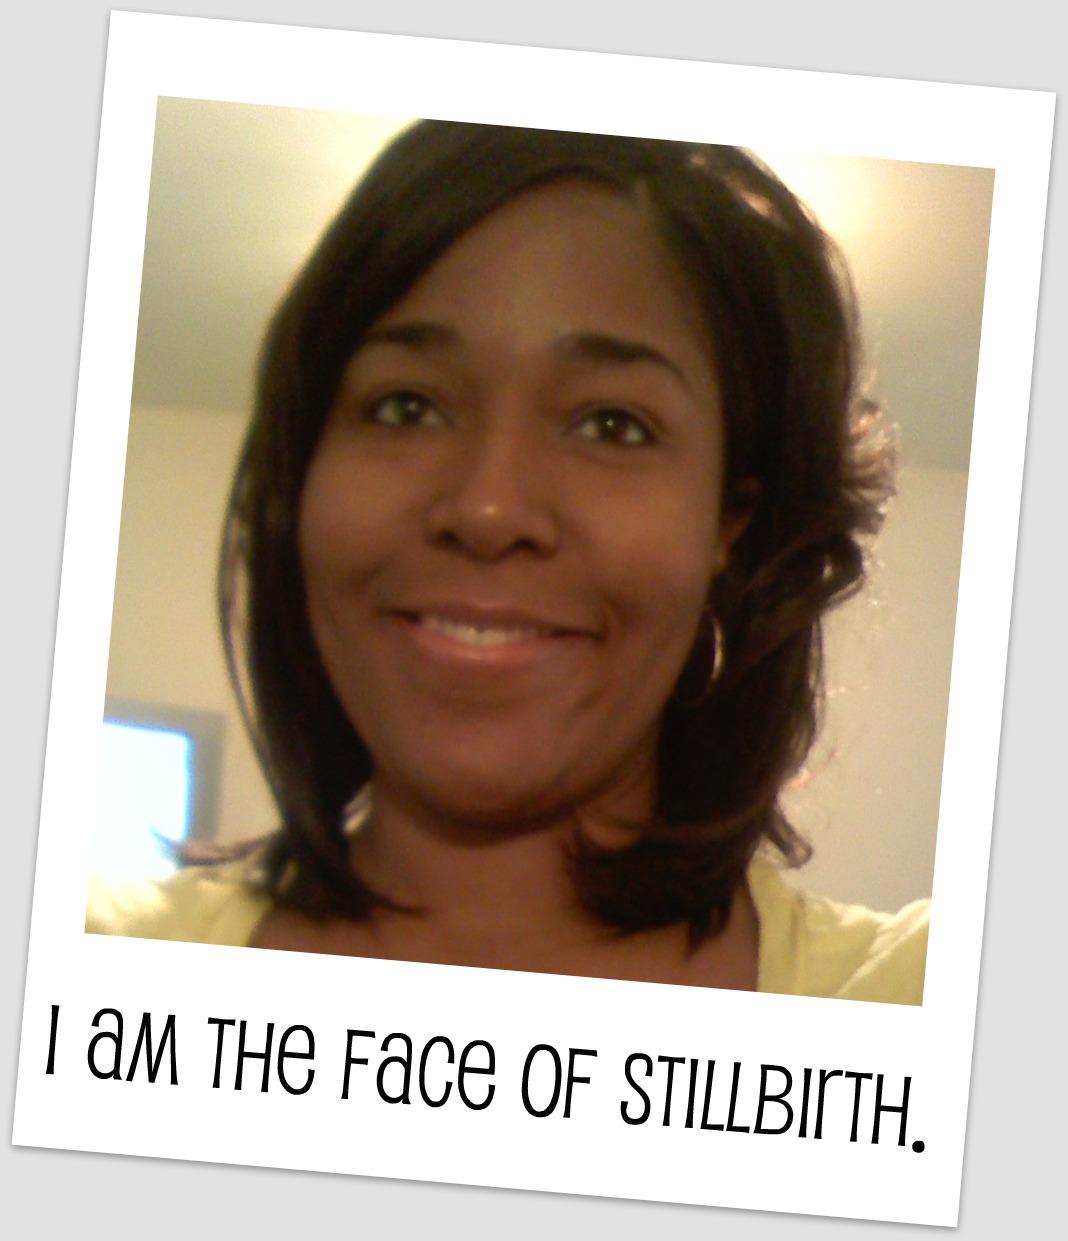 http://3.bp.blogspot.com/_g1qhKL_5Egg/TNYFuNl436I/AAAAAAAAAiM/HeWnacGzPg0/s1600/Ebony%25252BPolaroid.jpg